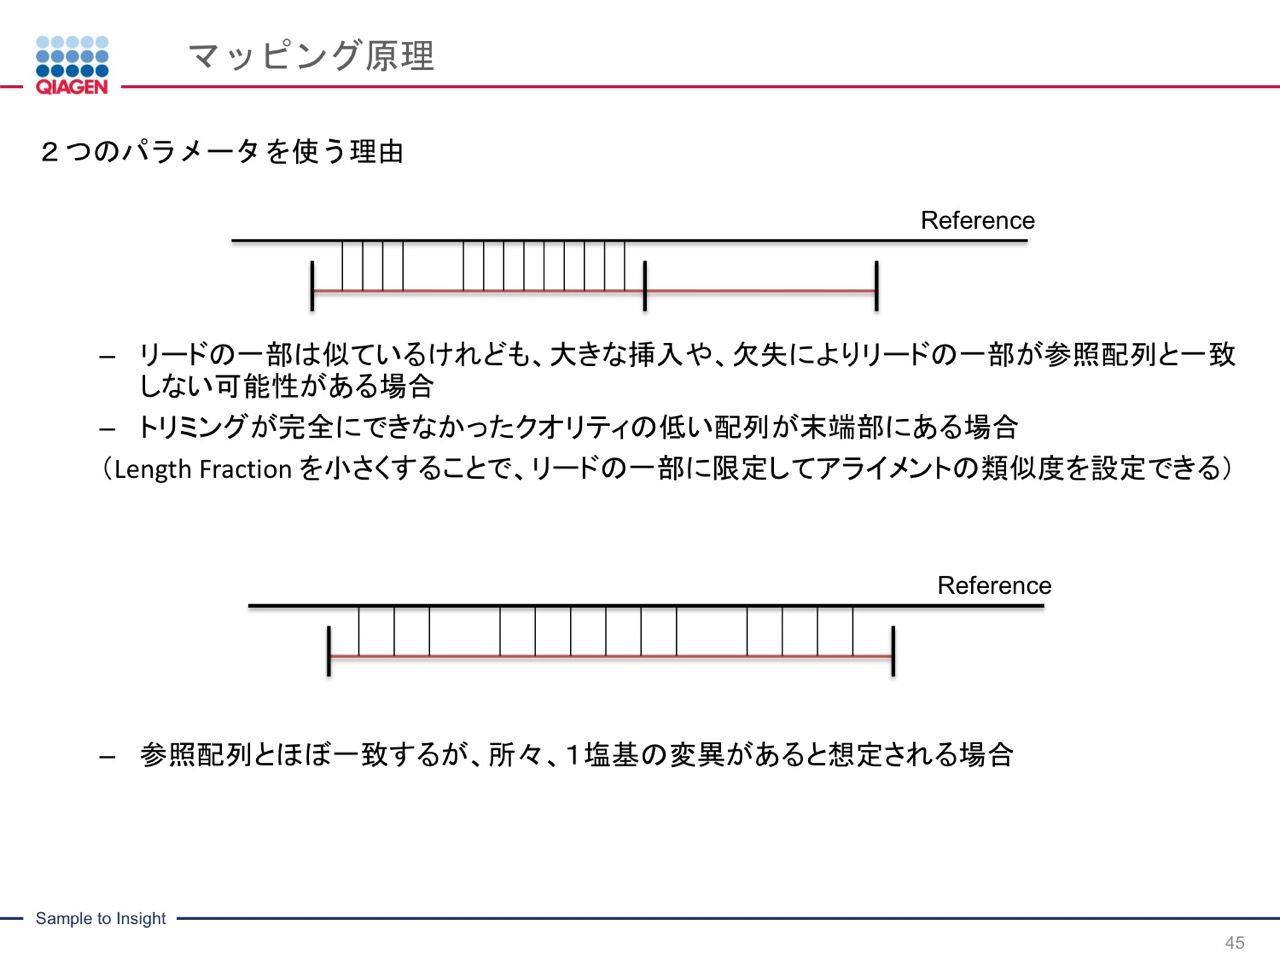 images/AJACSa2_miyamoto_045.jpg